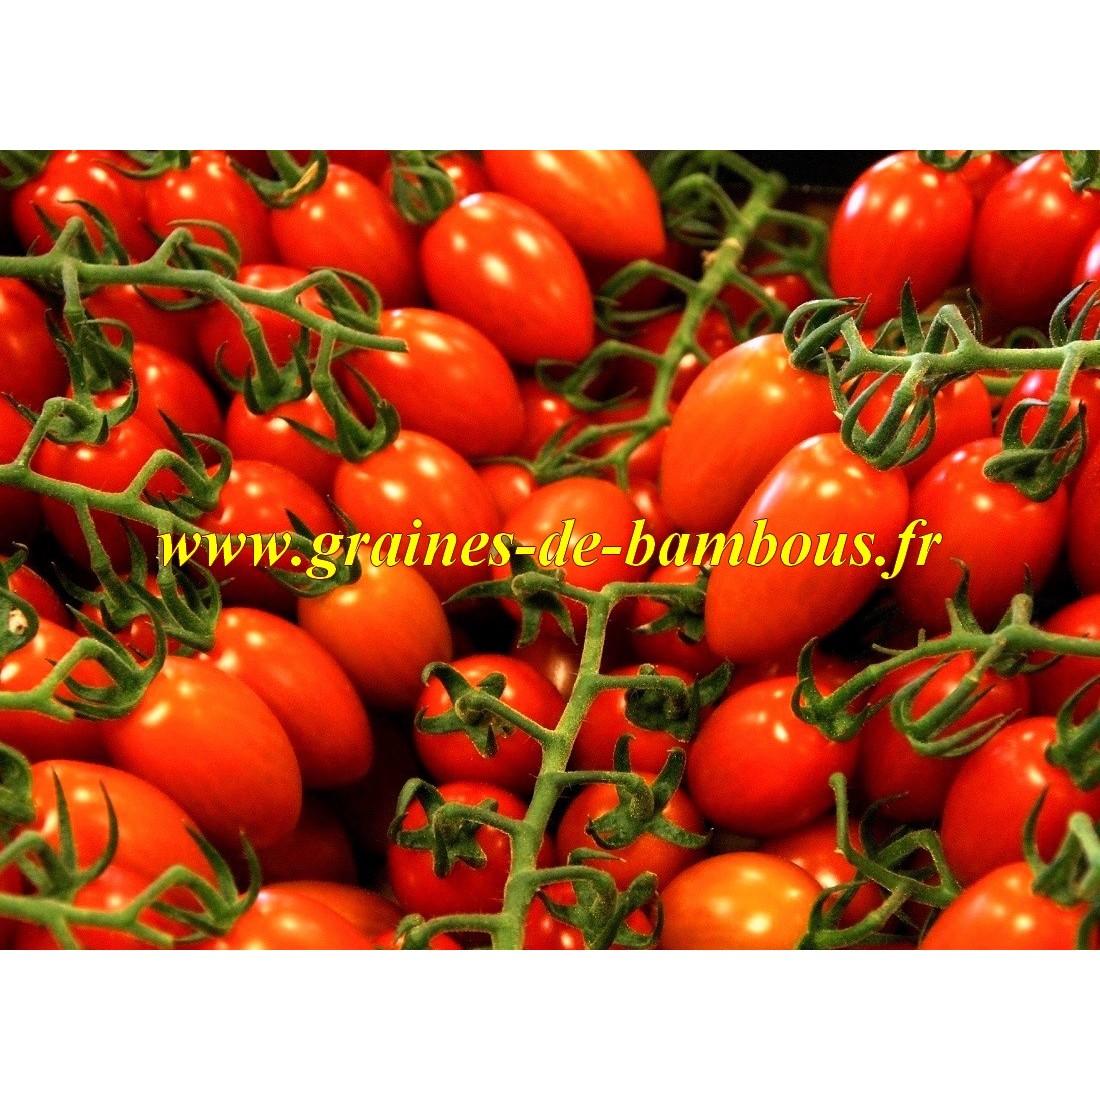 Tomate roma graines de bambous fr